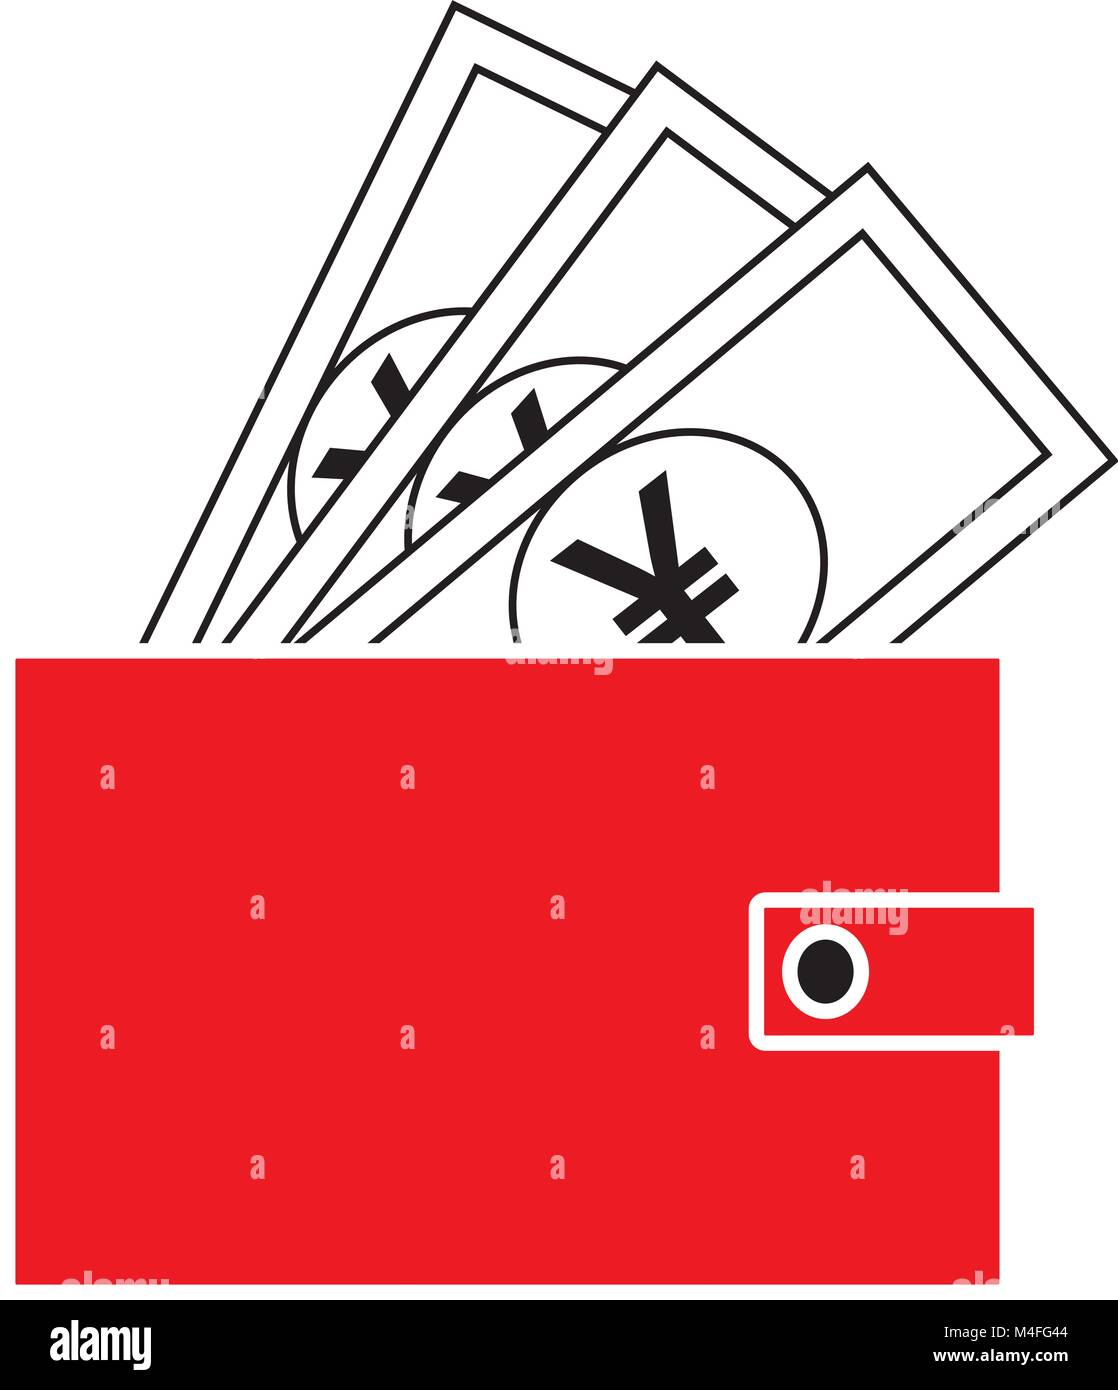 Yen, Yuan Renminbi o icona valuta o vettore logo sulle note fuoruscita di un portafoglio. Simbolo per il giapponese Immagini Stock